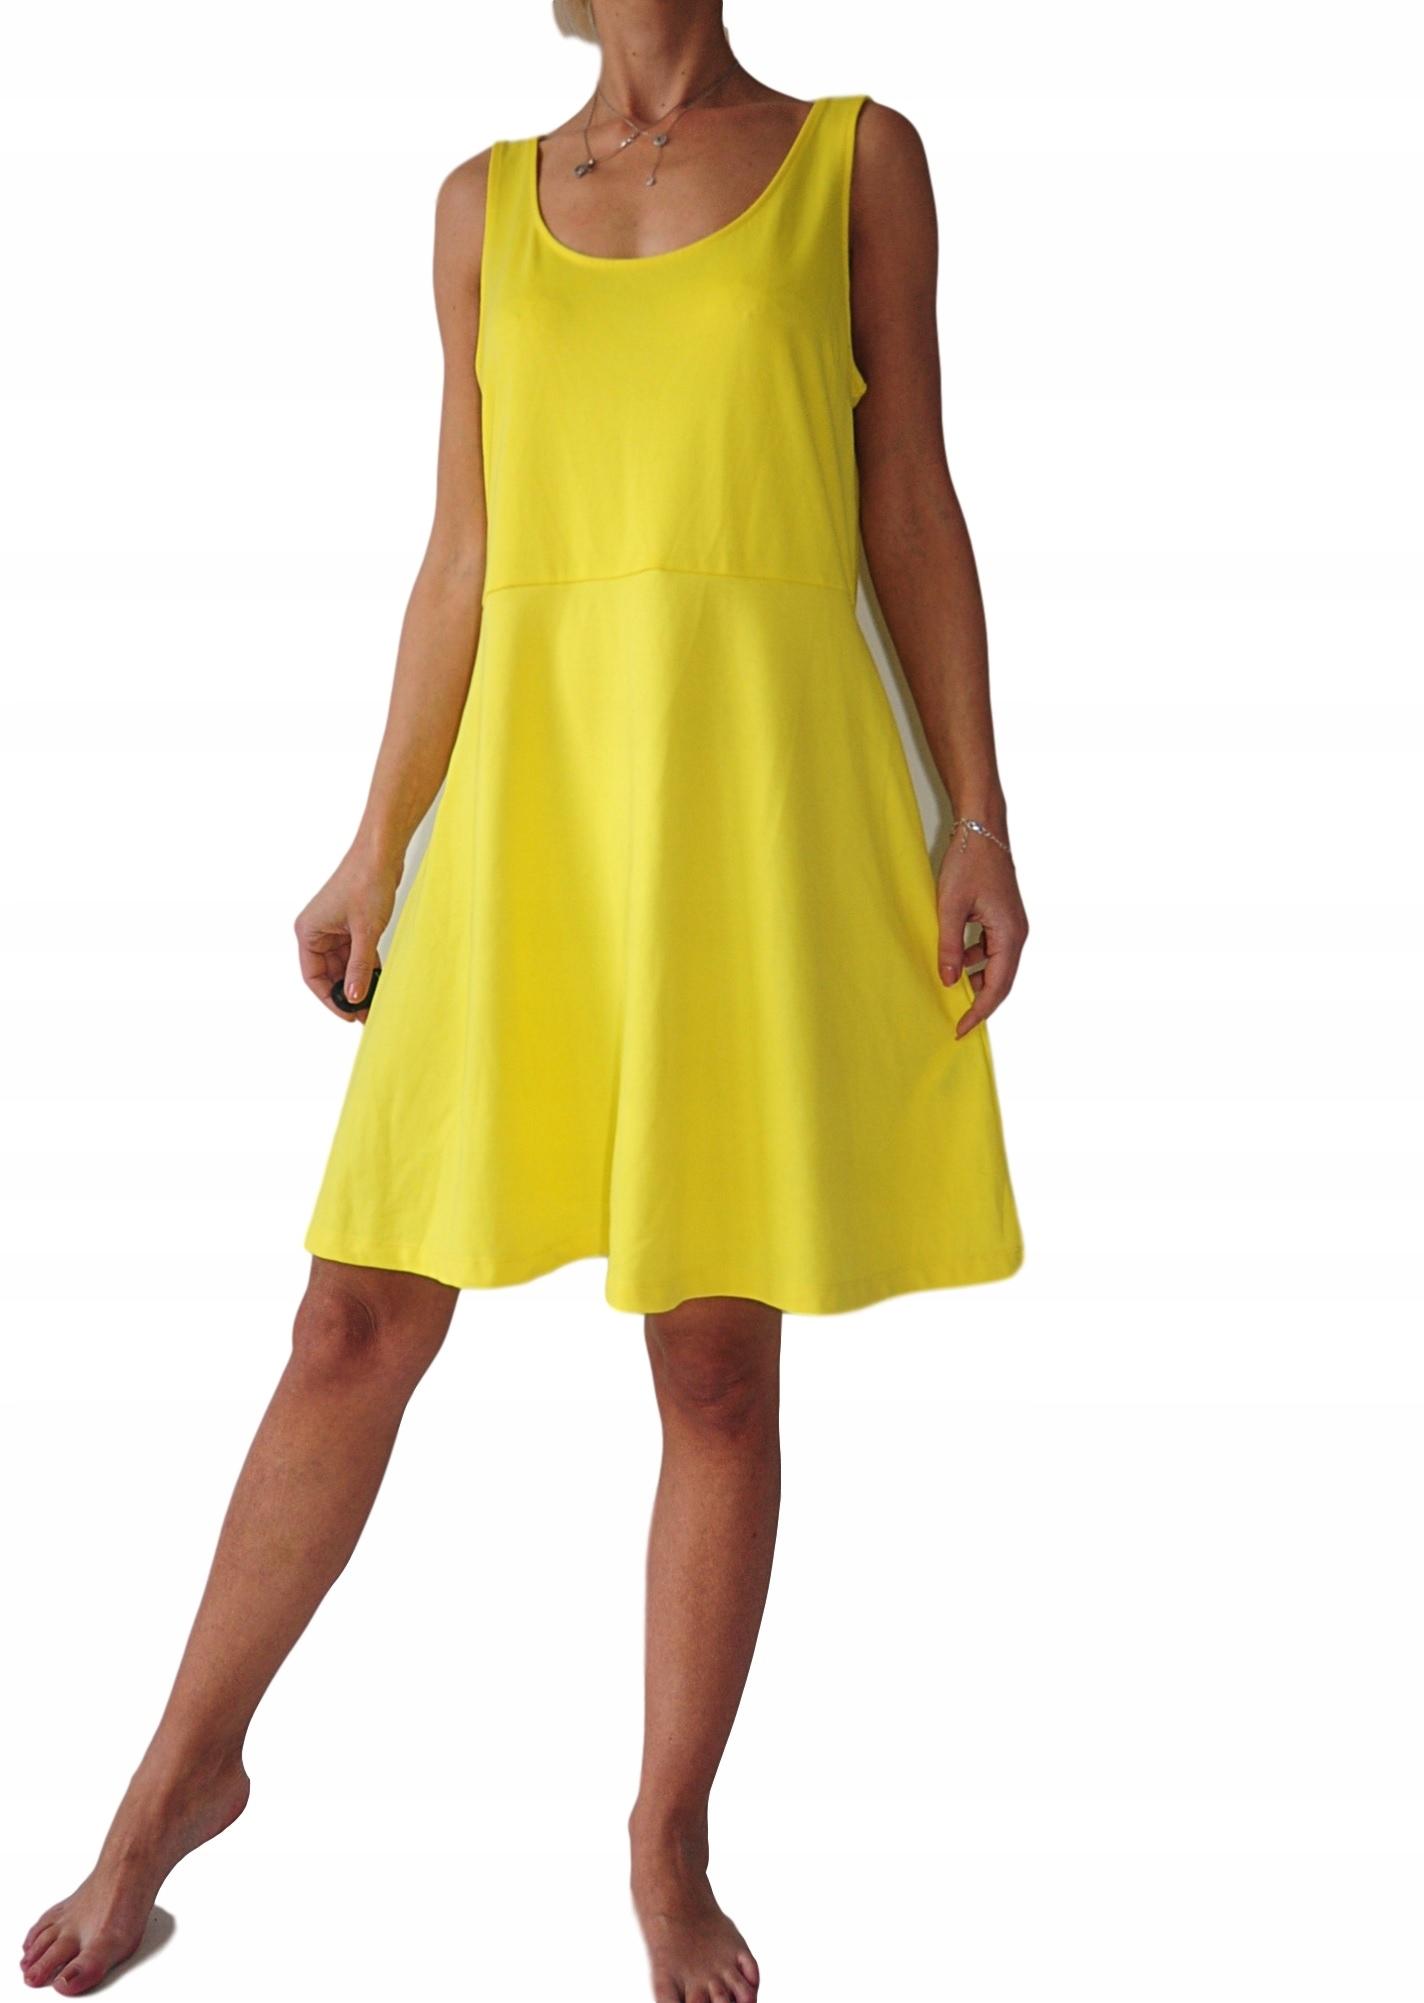 47c45fb5fe H M sukienka żółta trapezowa 44   46 - 7669635899 - oficjalne ...